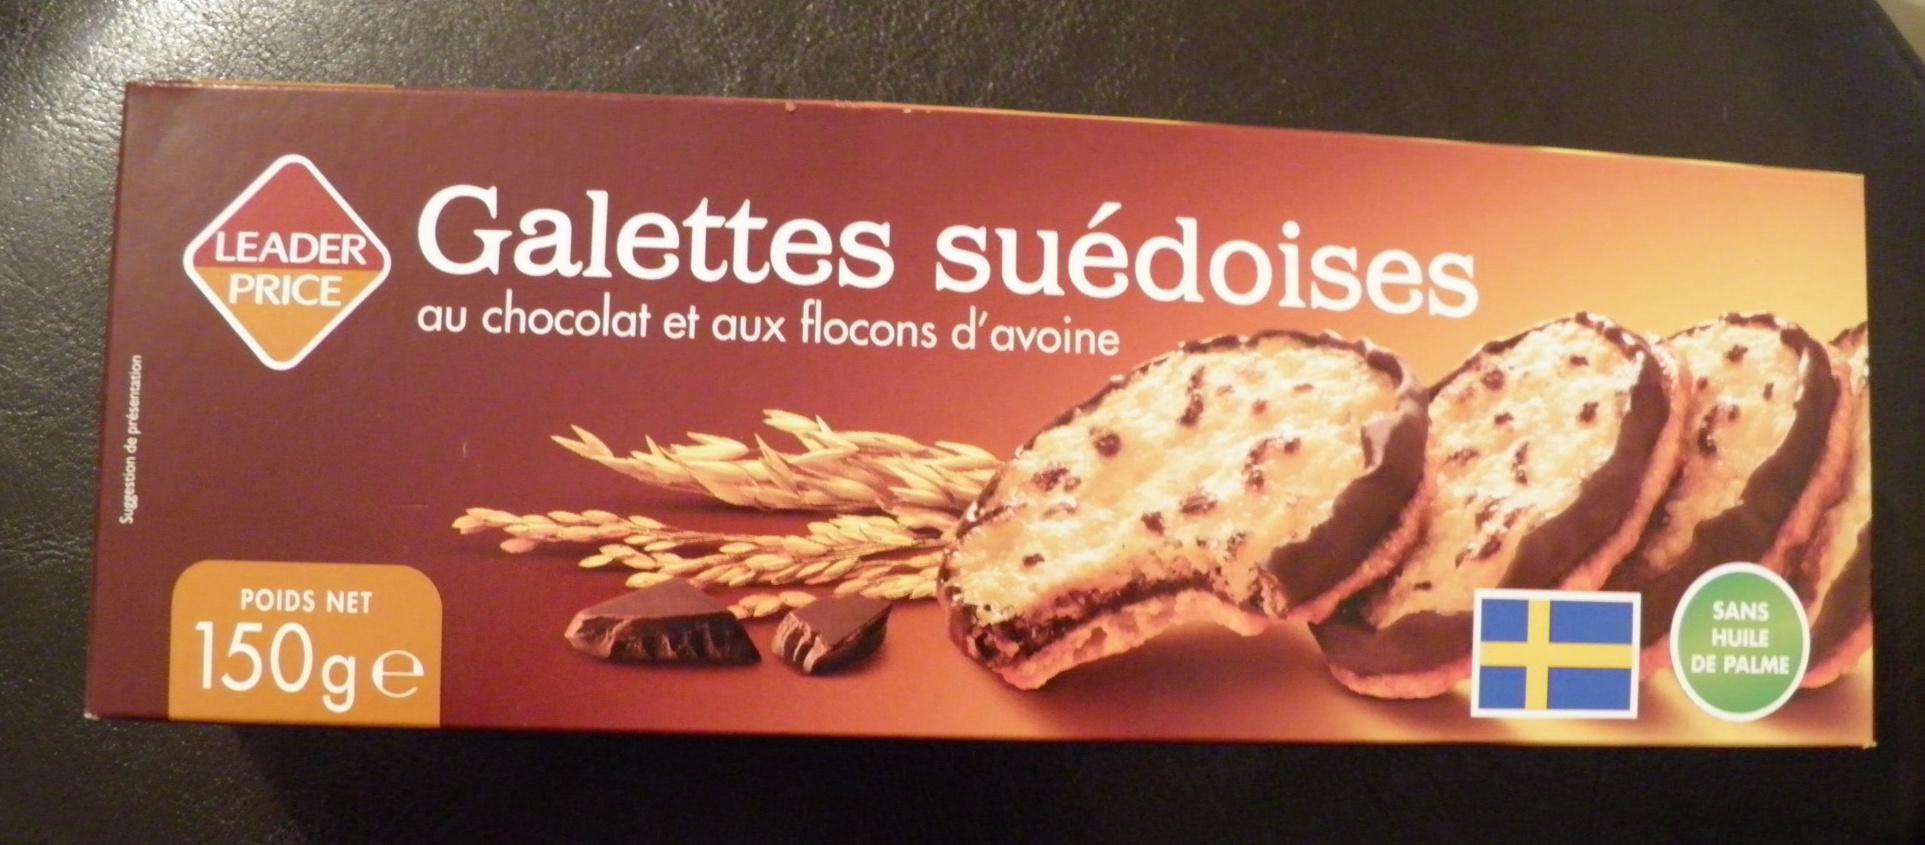 Galettes suédoises au chocolat et flocons d'avoine - Prodotto - fr